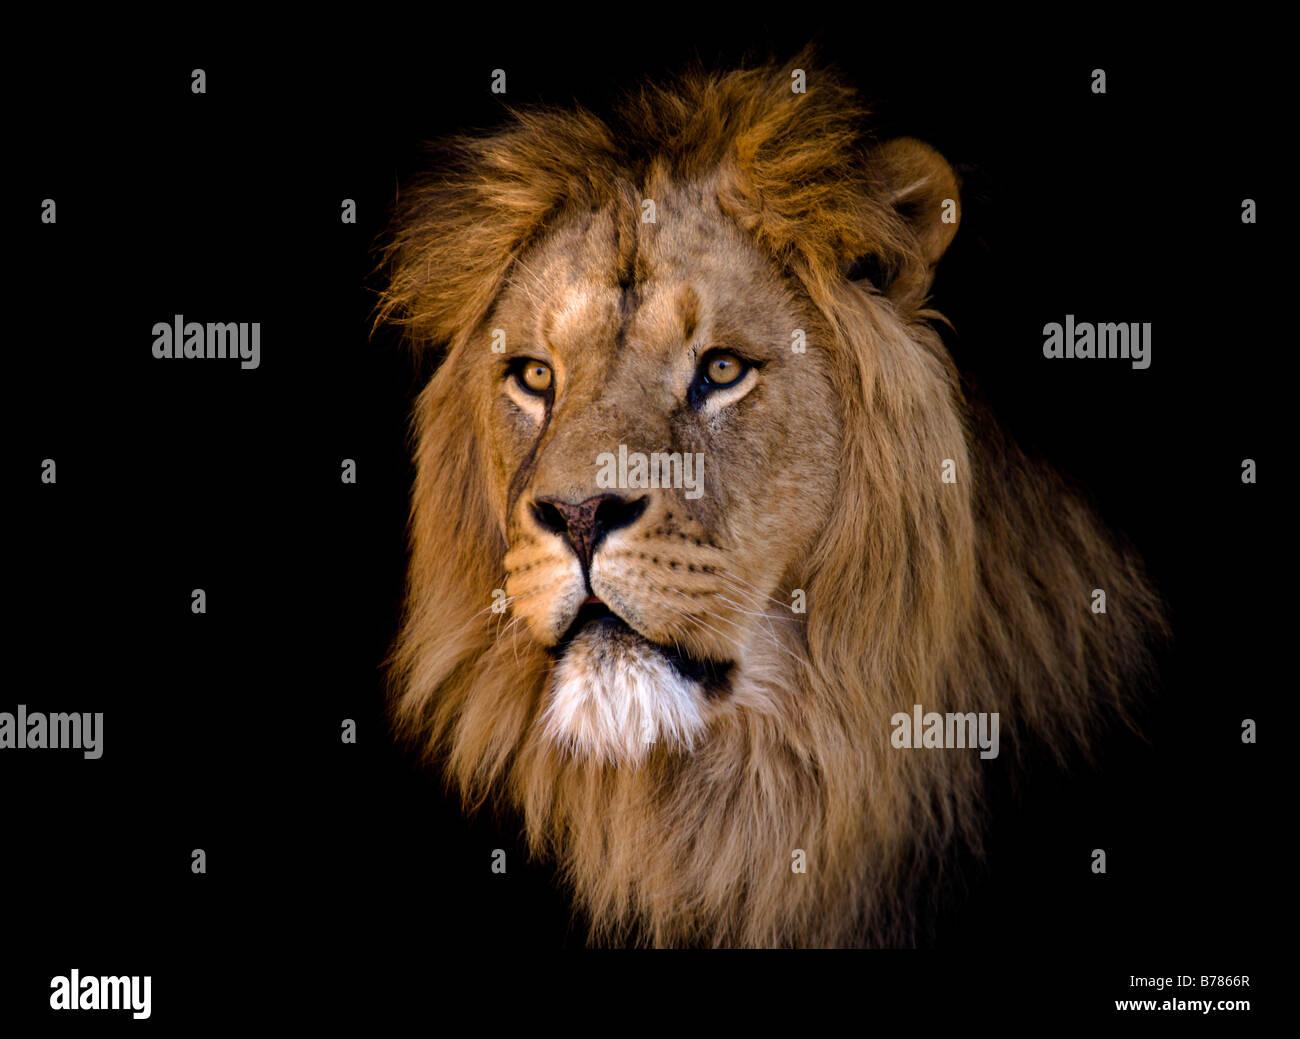 Retrato de un gran varón africano león Imagen De Stock